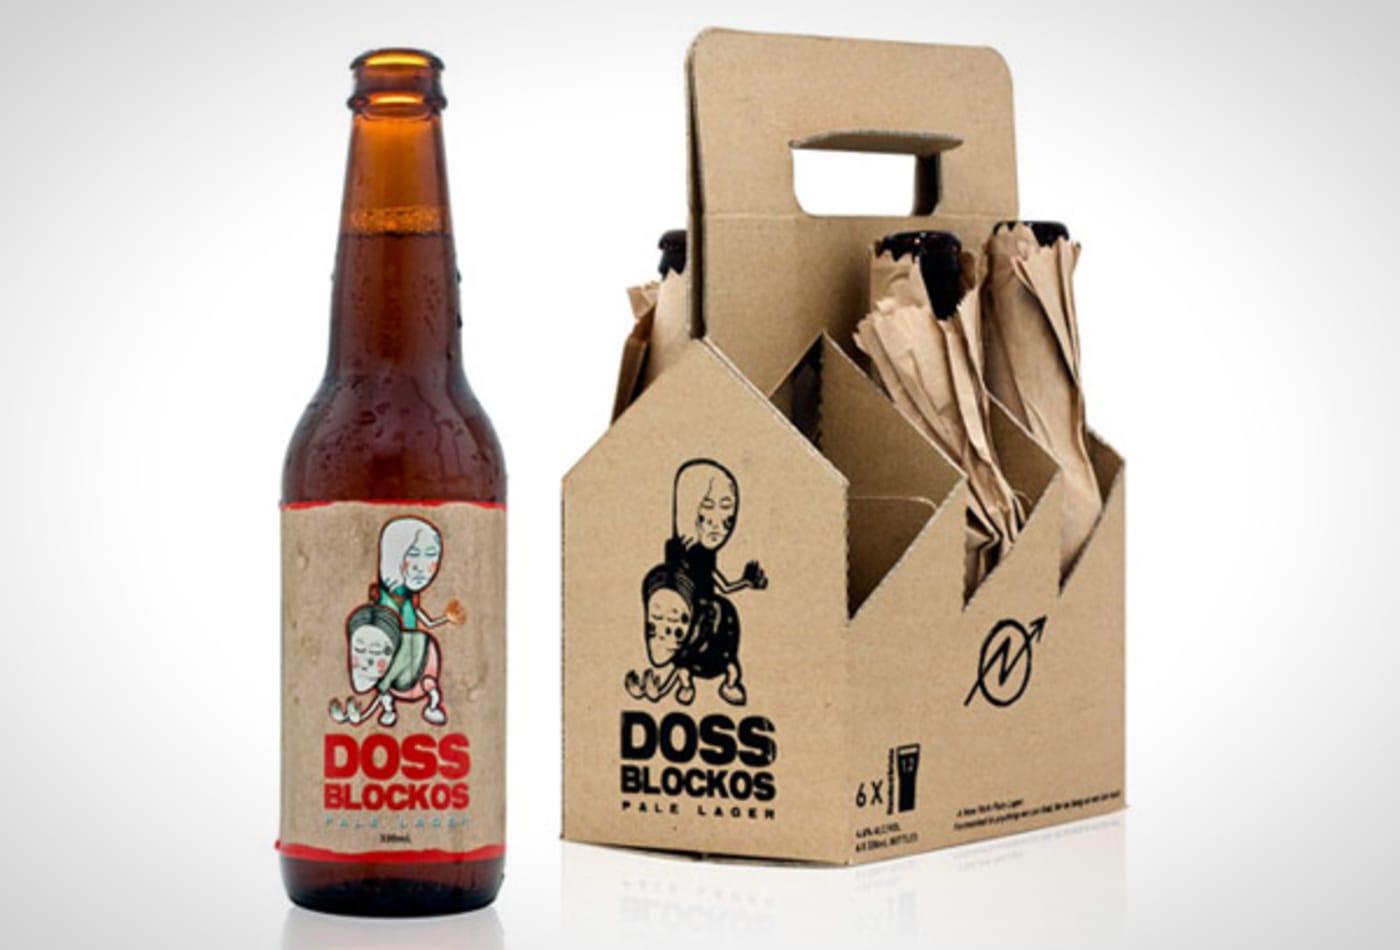 outrageous-drinks-doss-blockos2.jpg